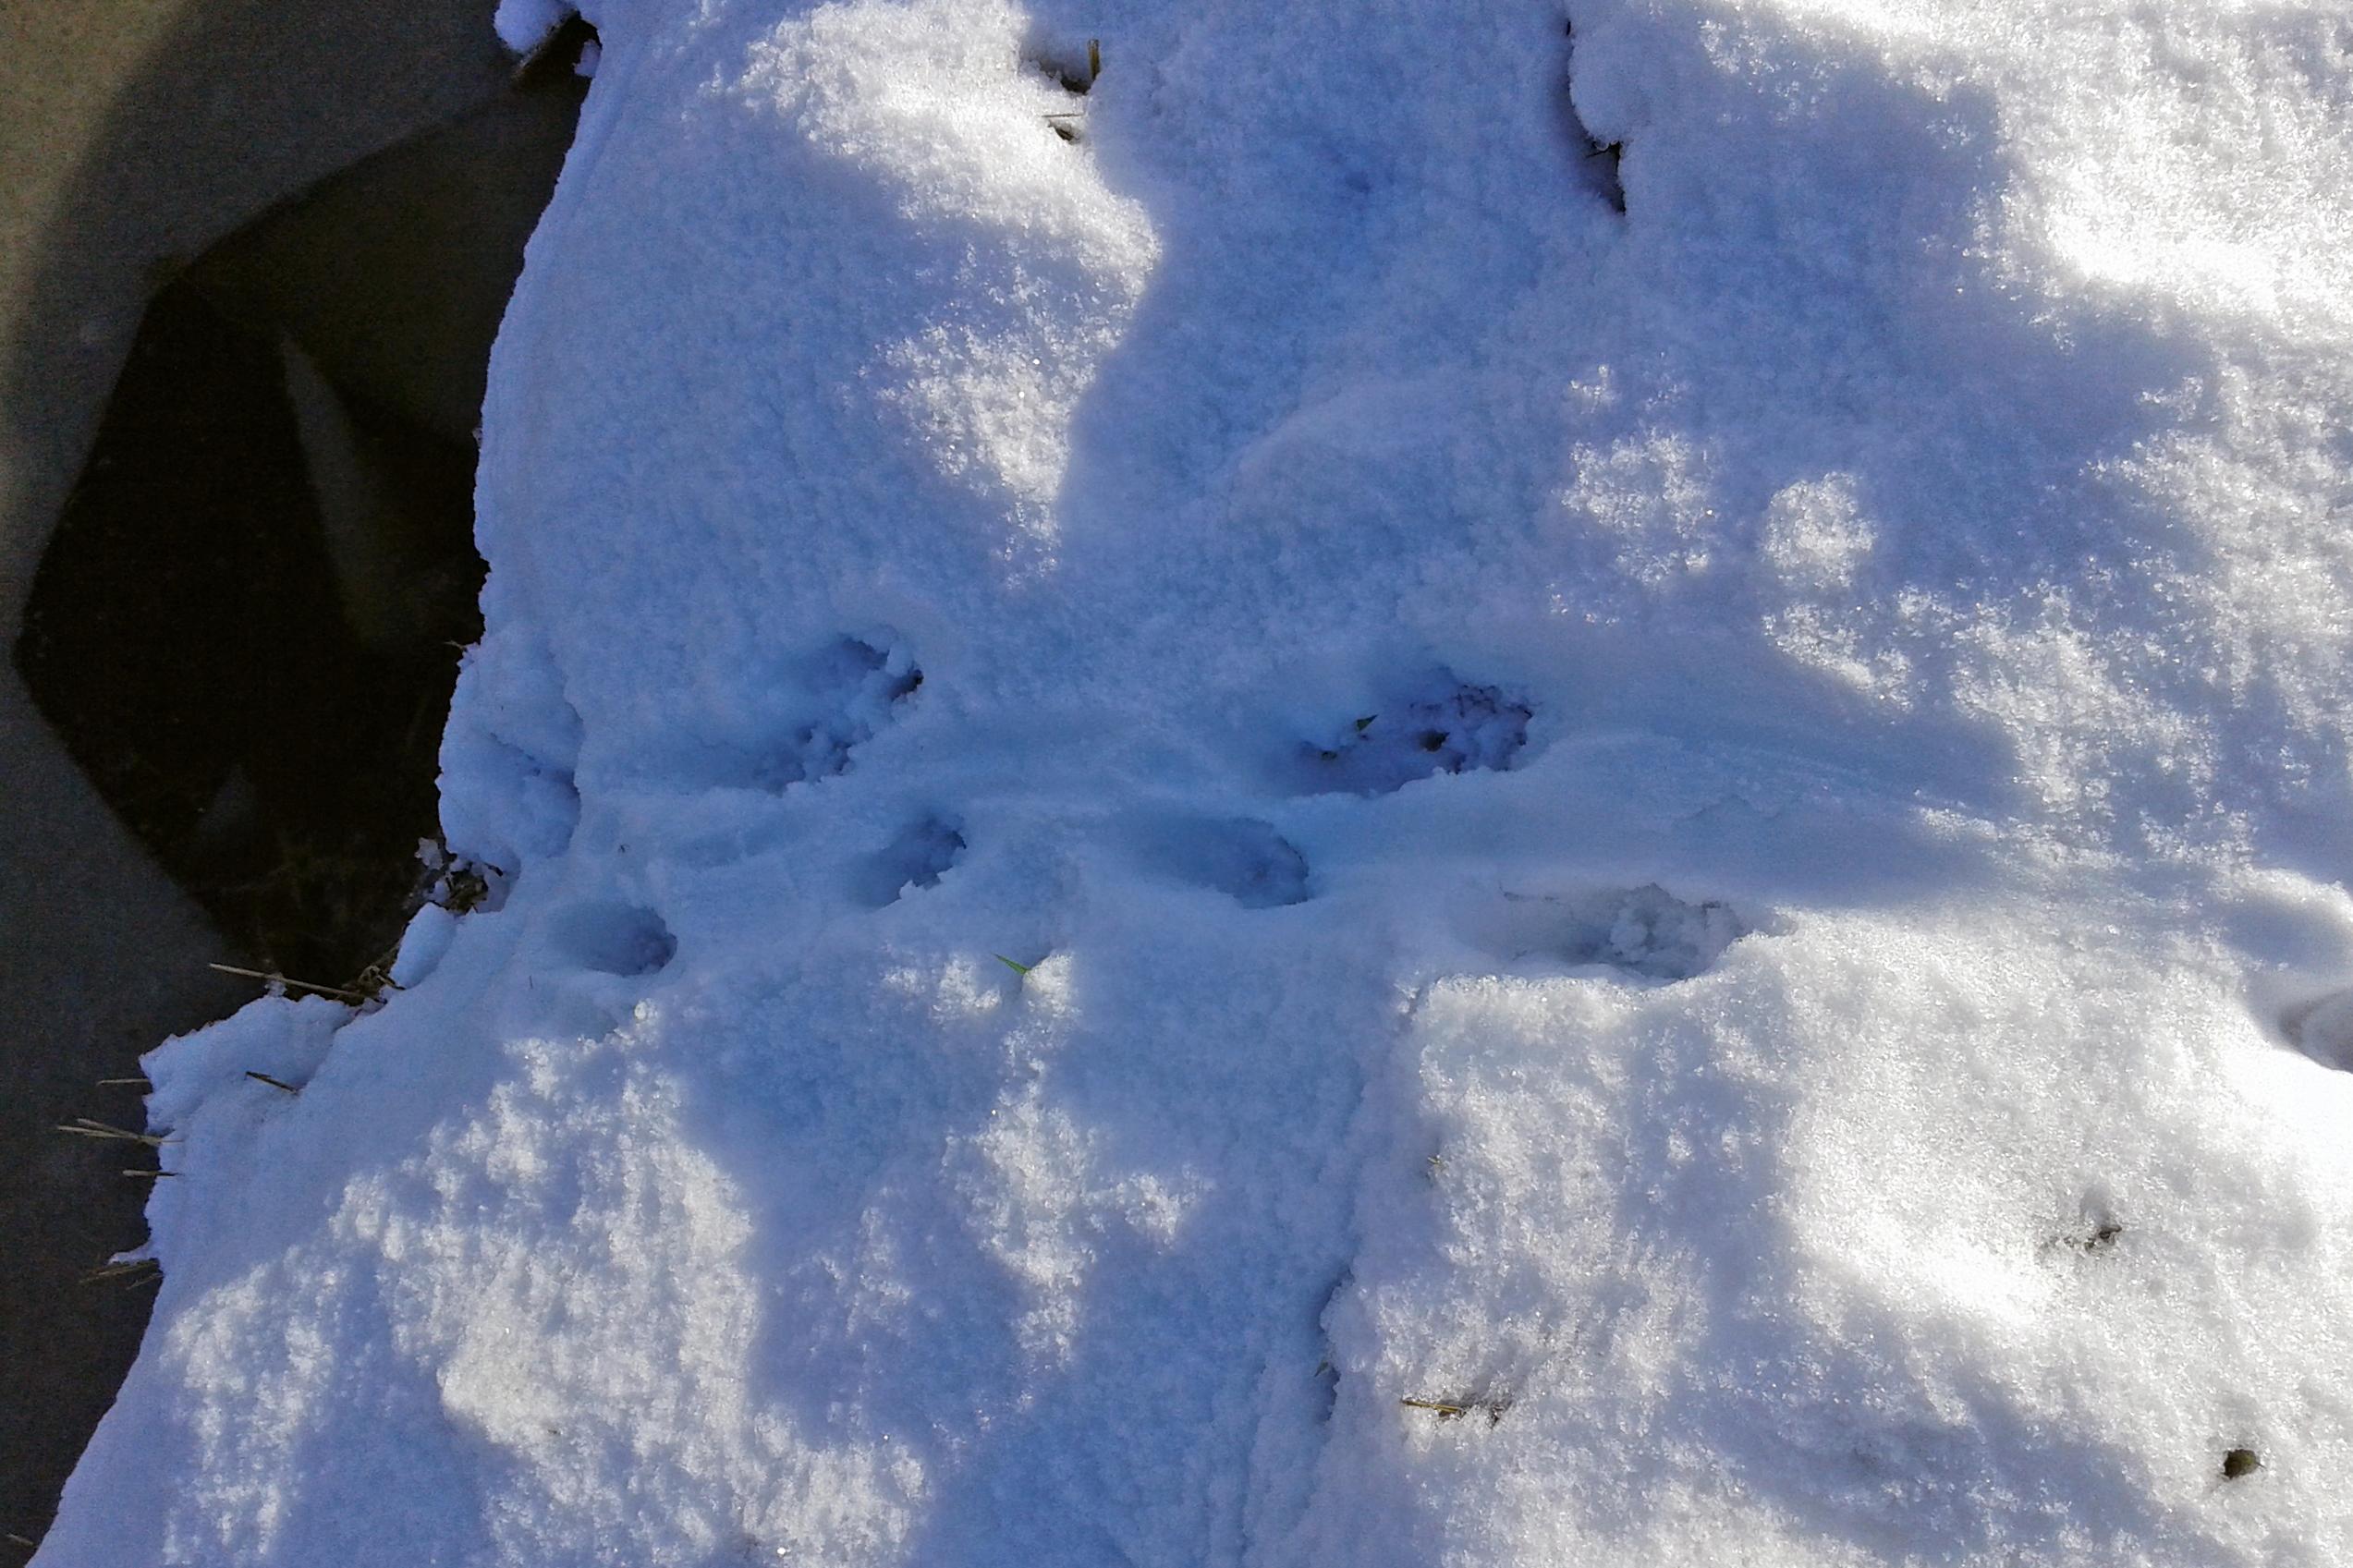 Ottersporen in de sneeuw